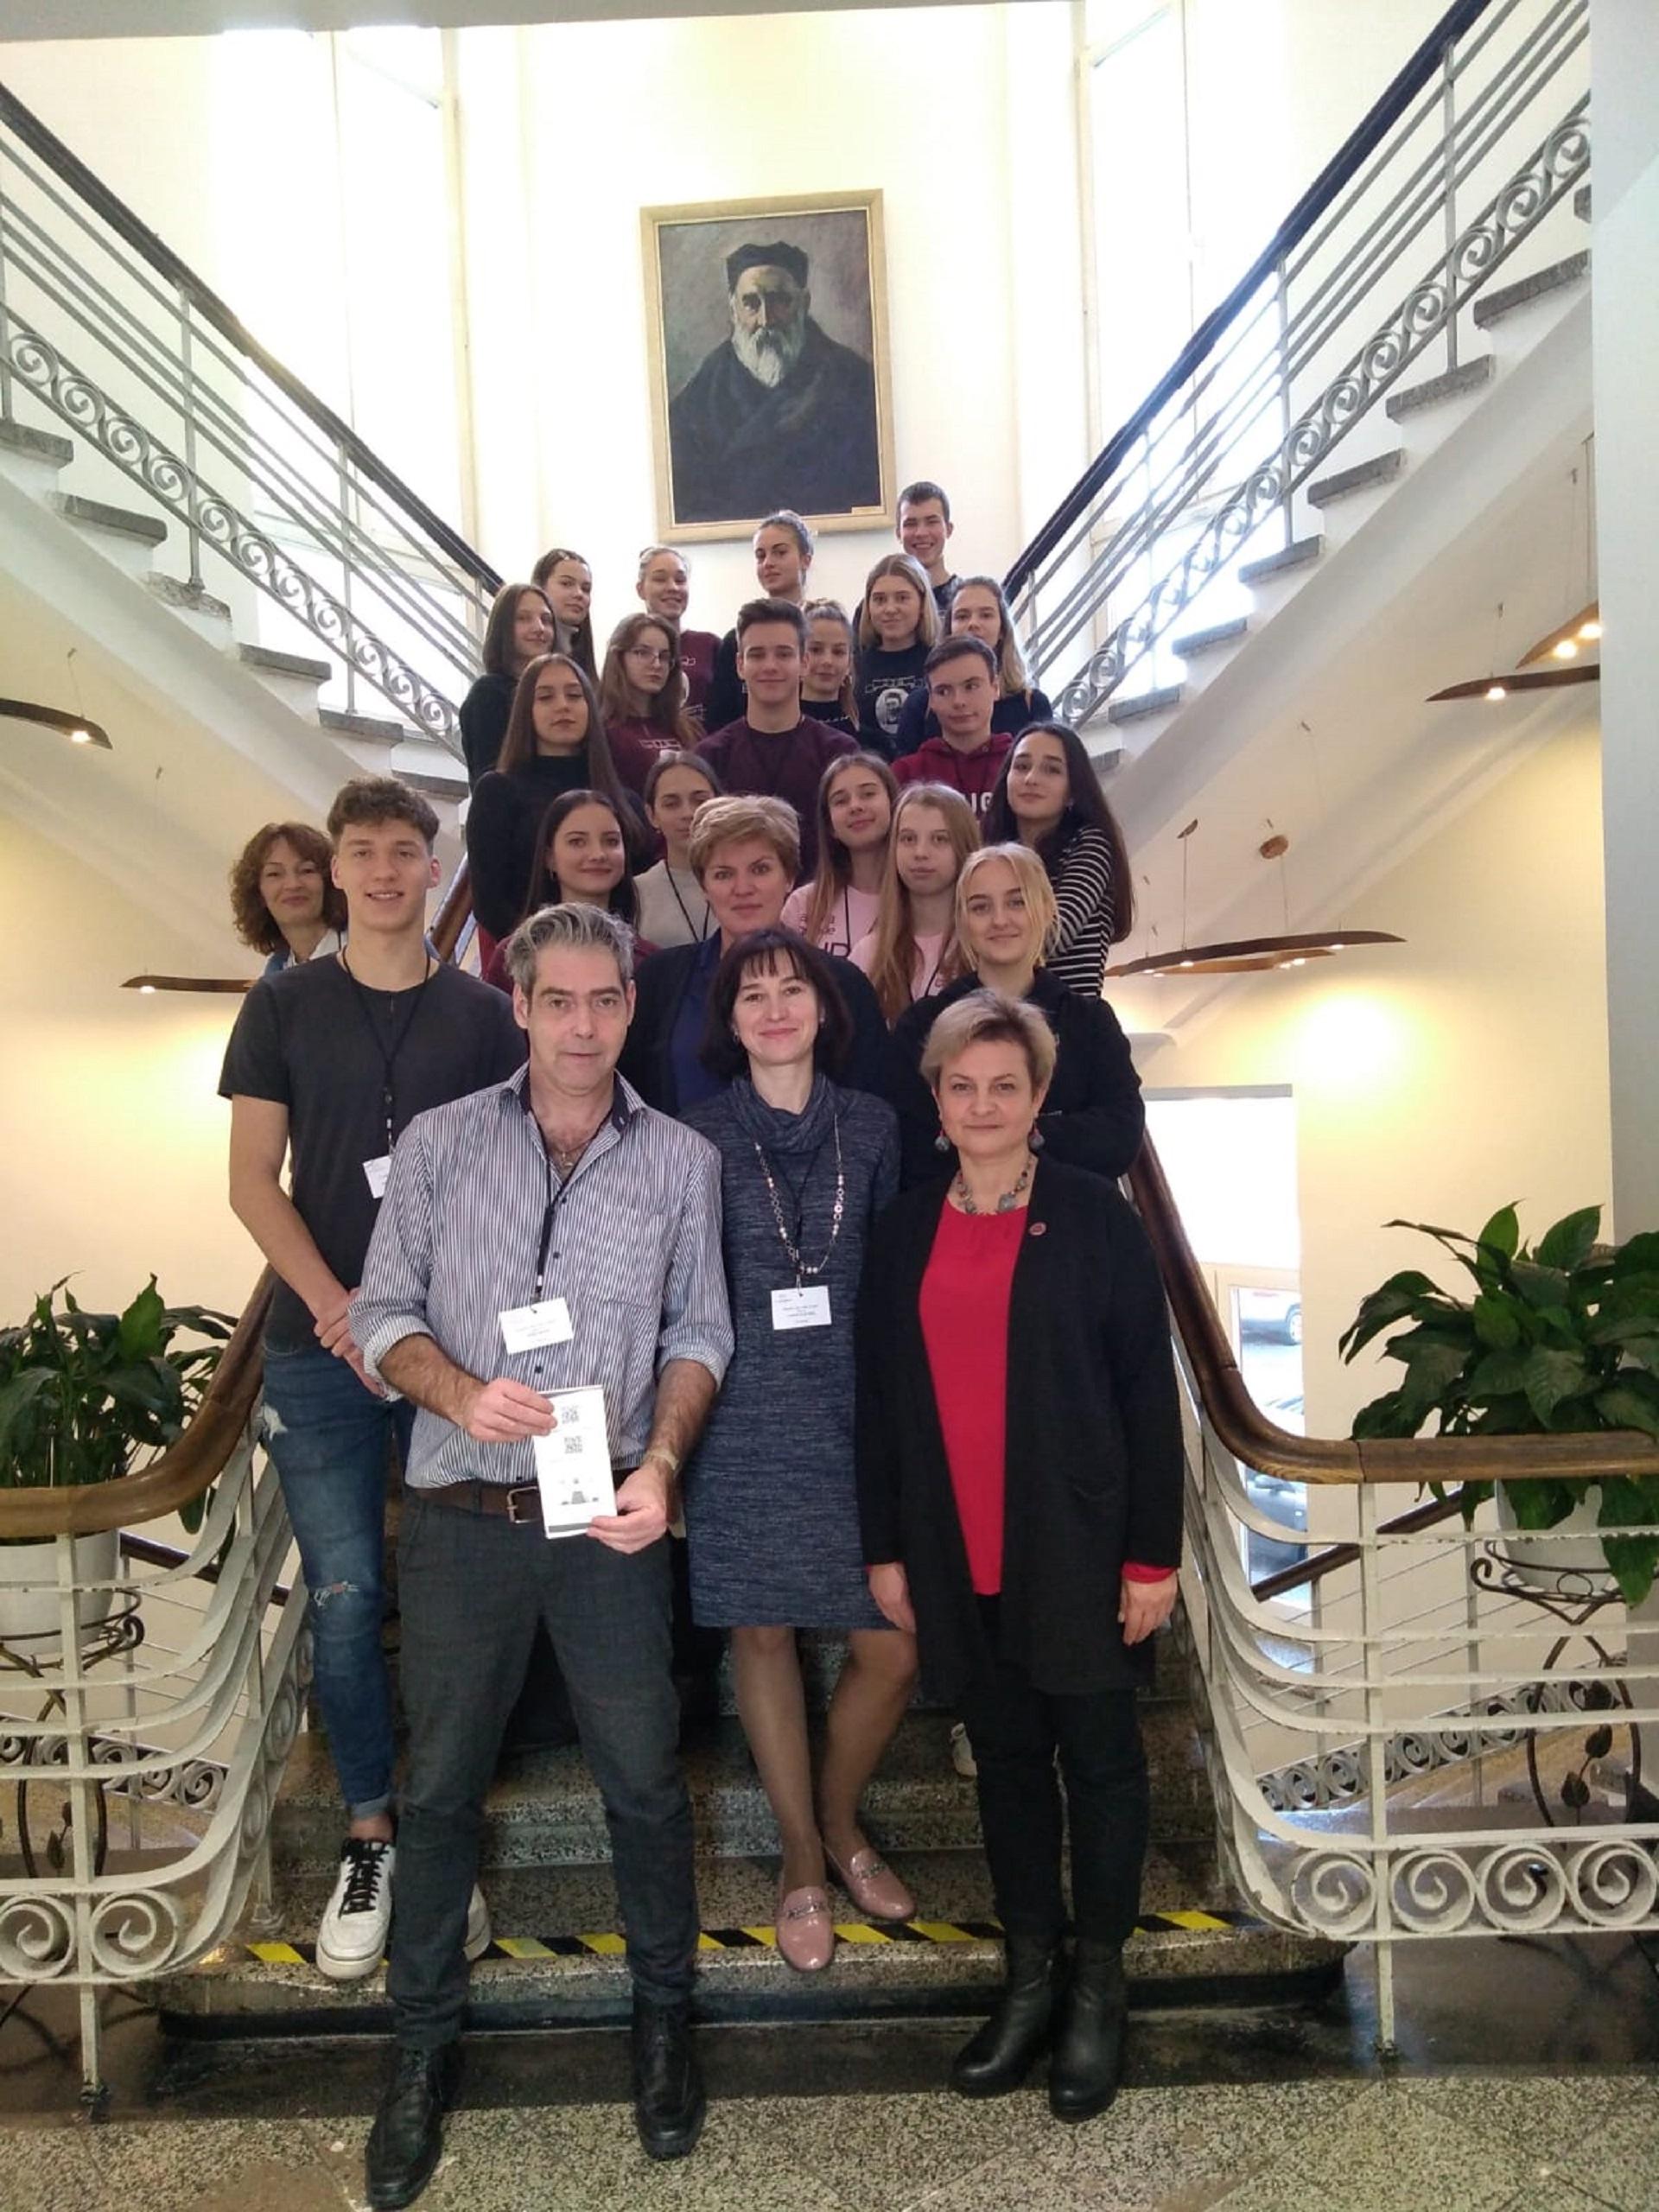 Zusammenarbeit im europäischen Kontext: zu Gast bei unserer Partnerschule in Kaunas – Erste Eindrücke und Informationen